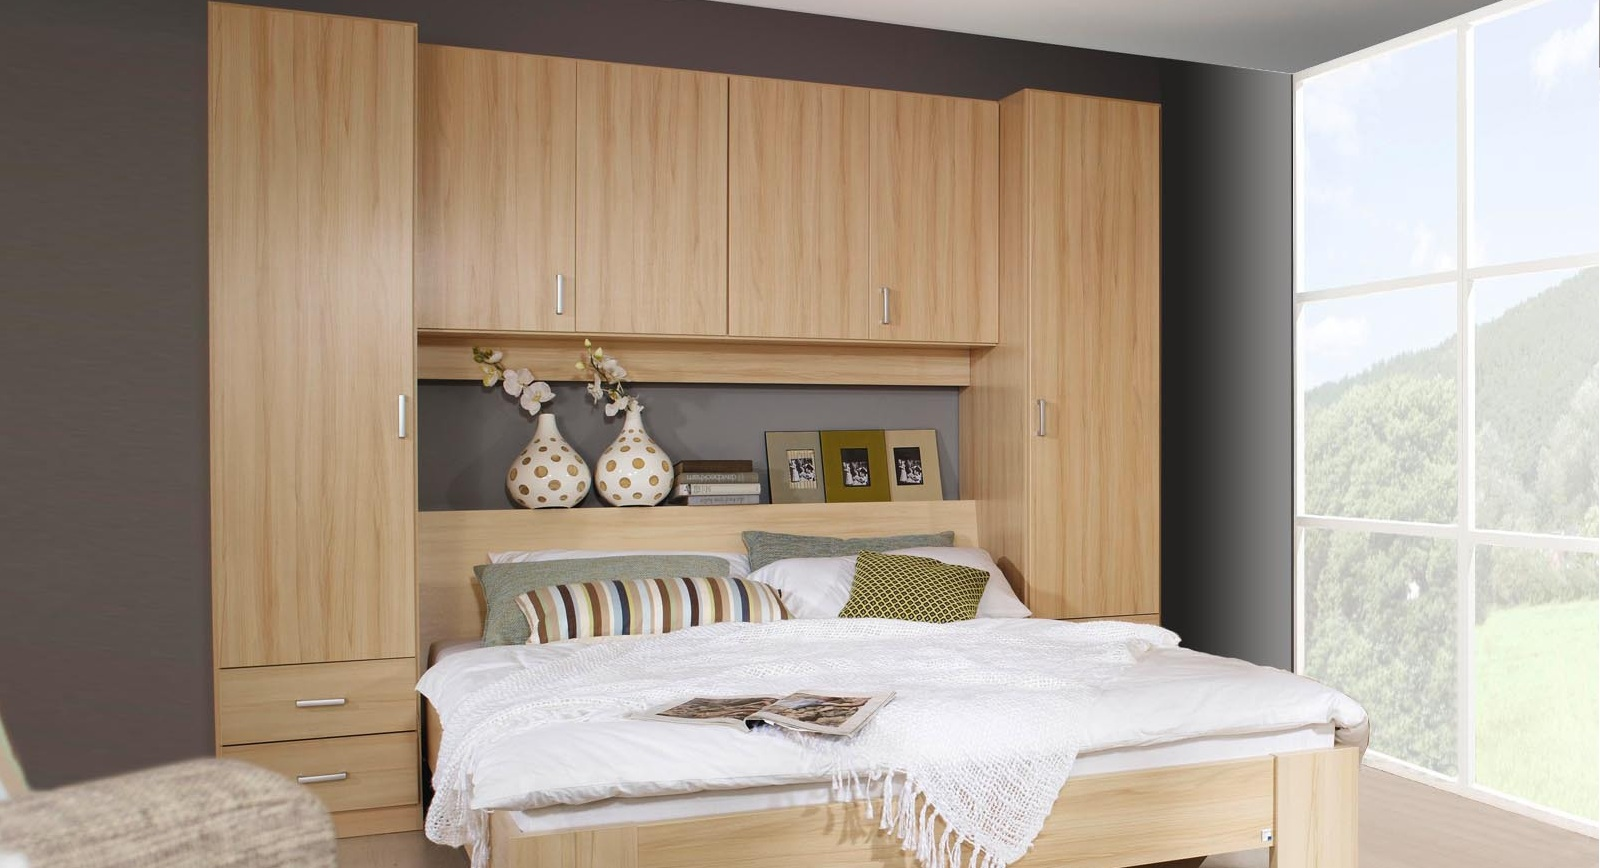 T te de lit catalogue et achat au meilleur prix - Tete de lit en bois pas cher ...